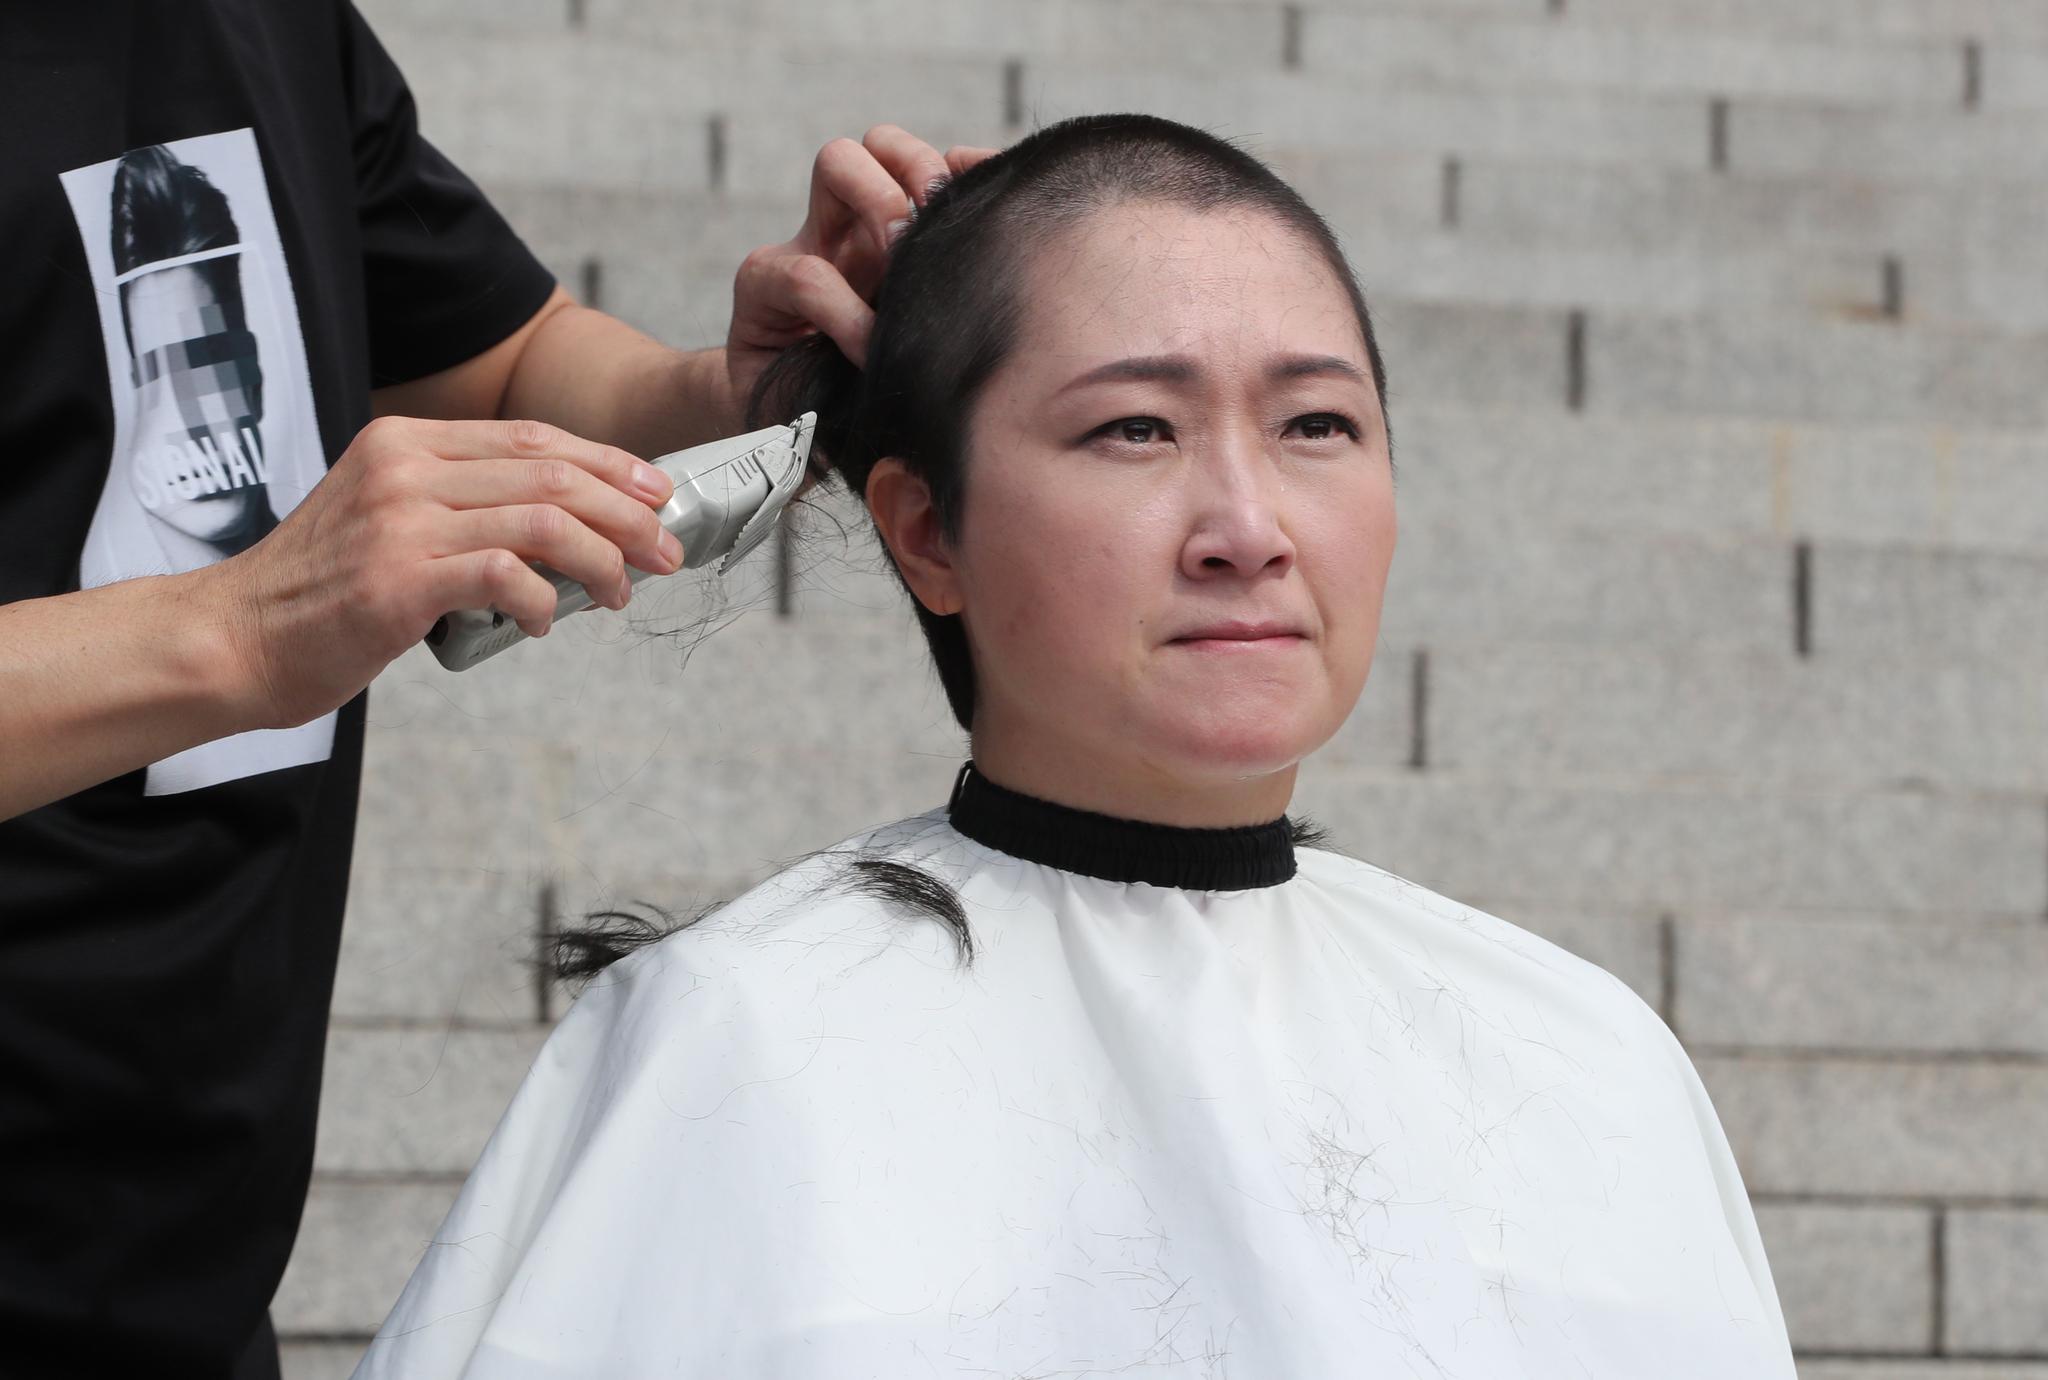 무소속 이언주 의원이 10일 오전 서울 여의도 국회 본청 계단에서 삭발을 하고 있다. [뉴스1]